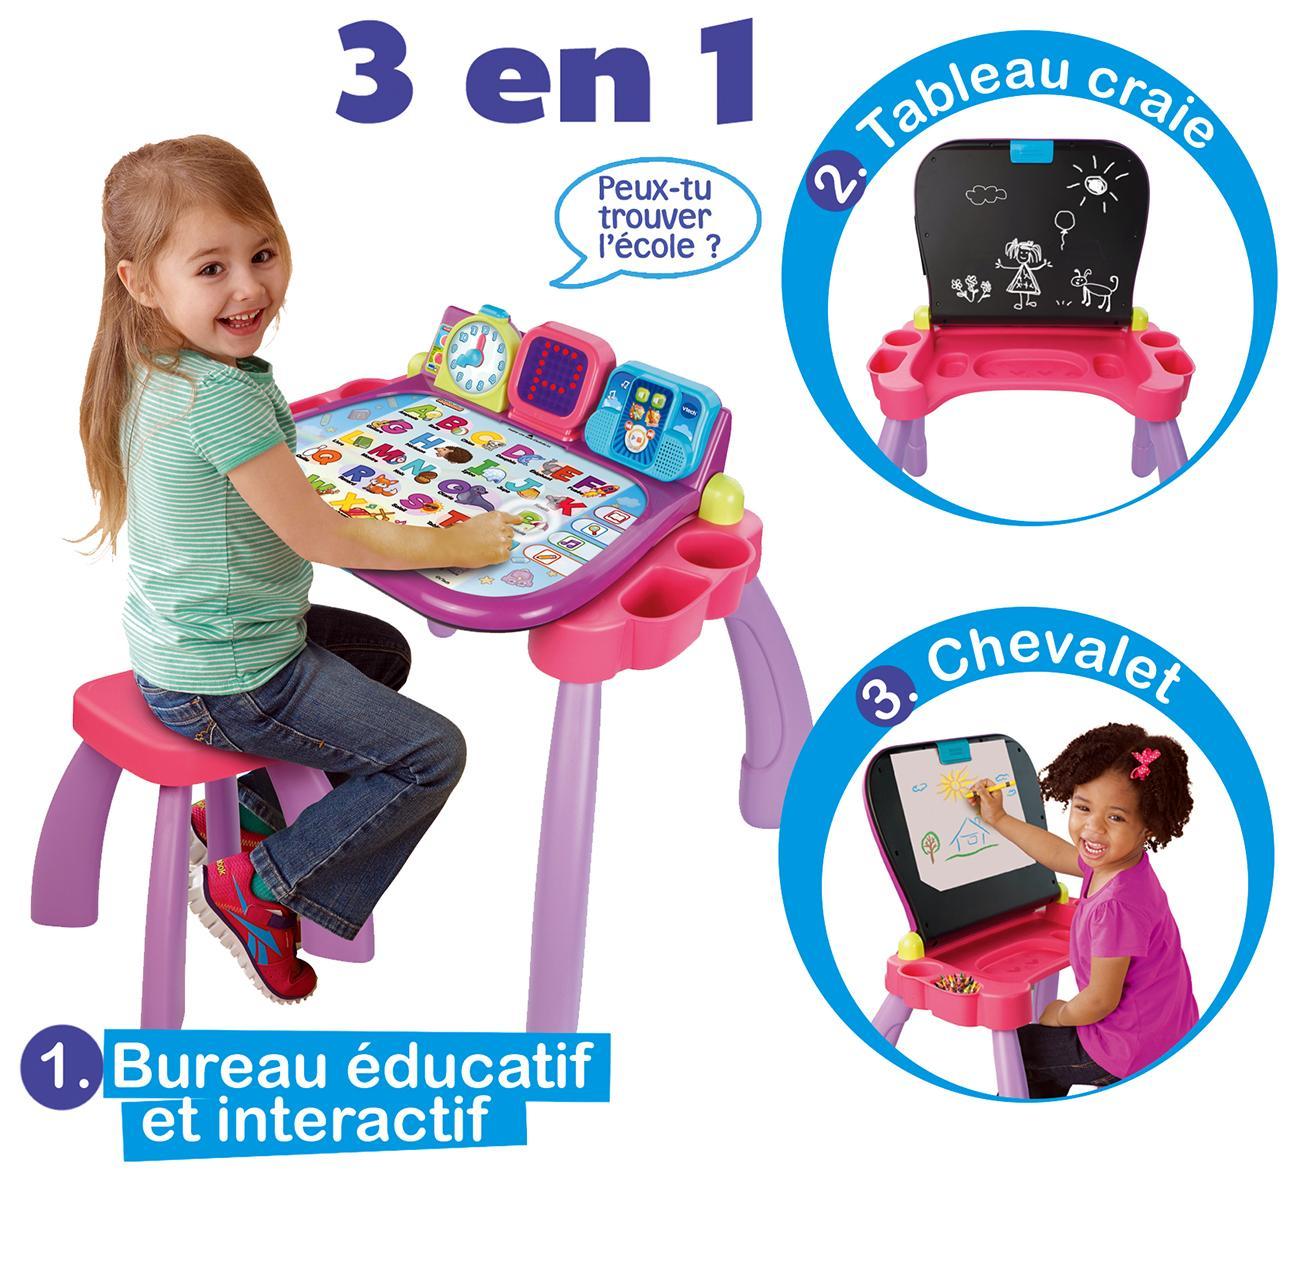 bureau educatif vtech